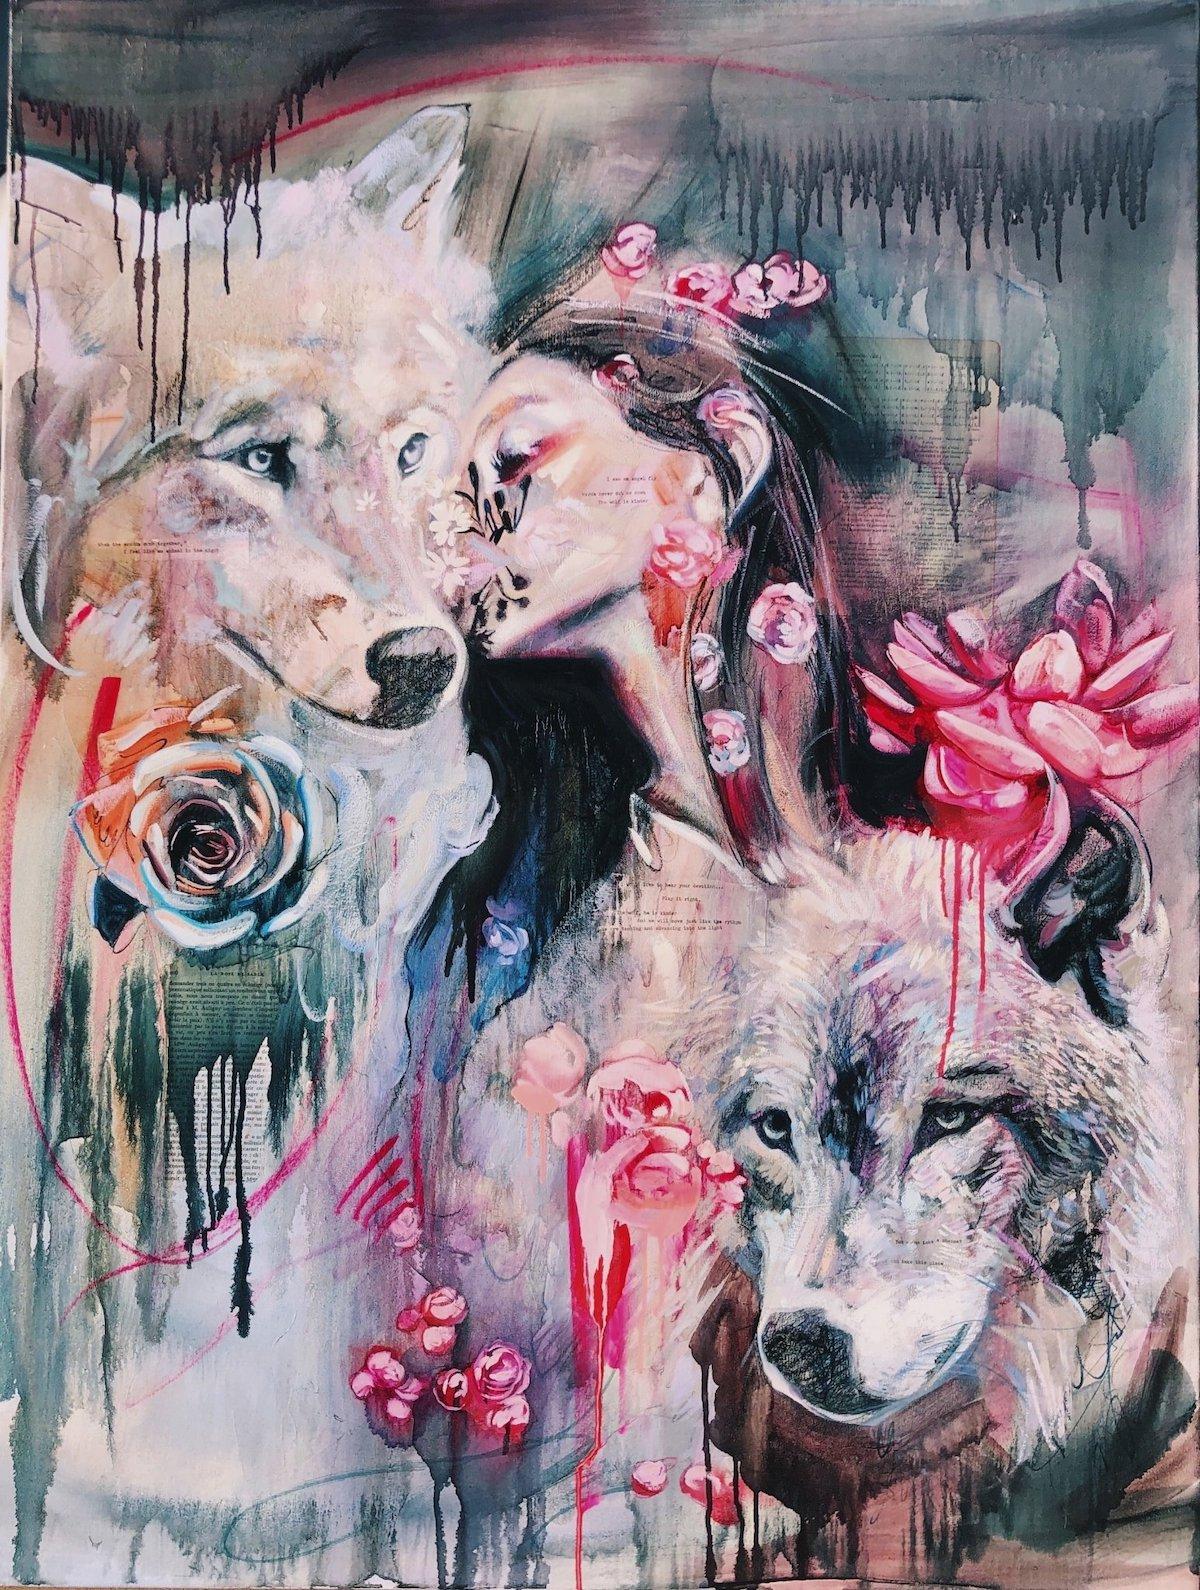 Mixed Media Painting by Dimitra Milan